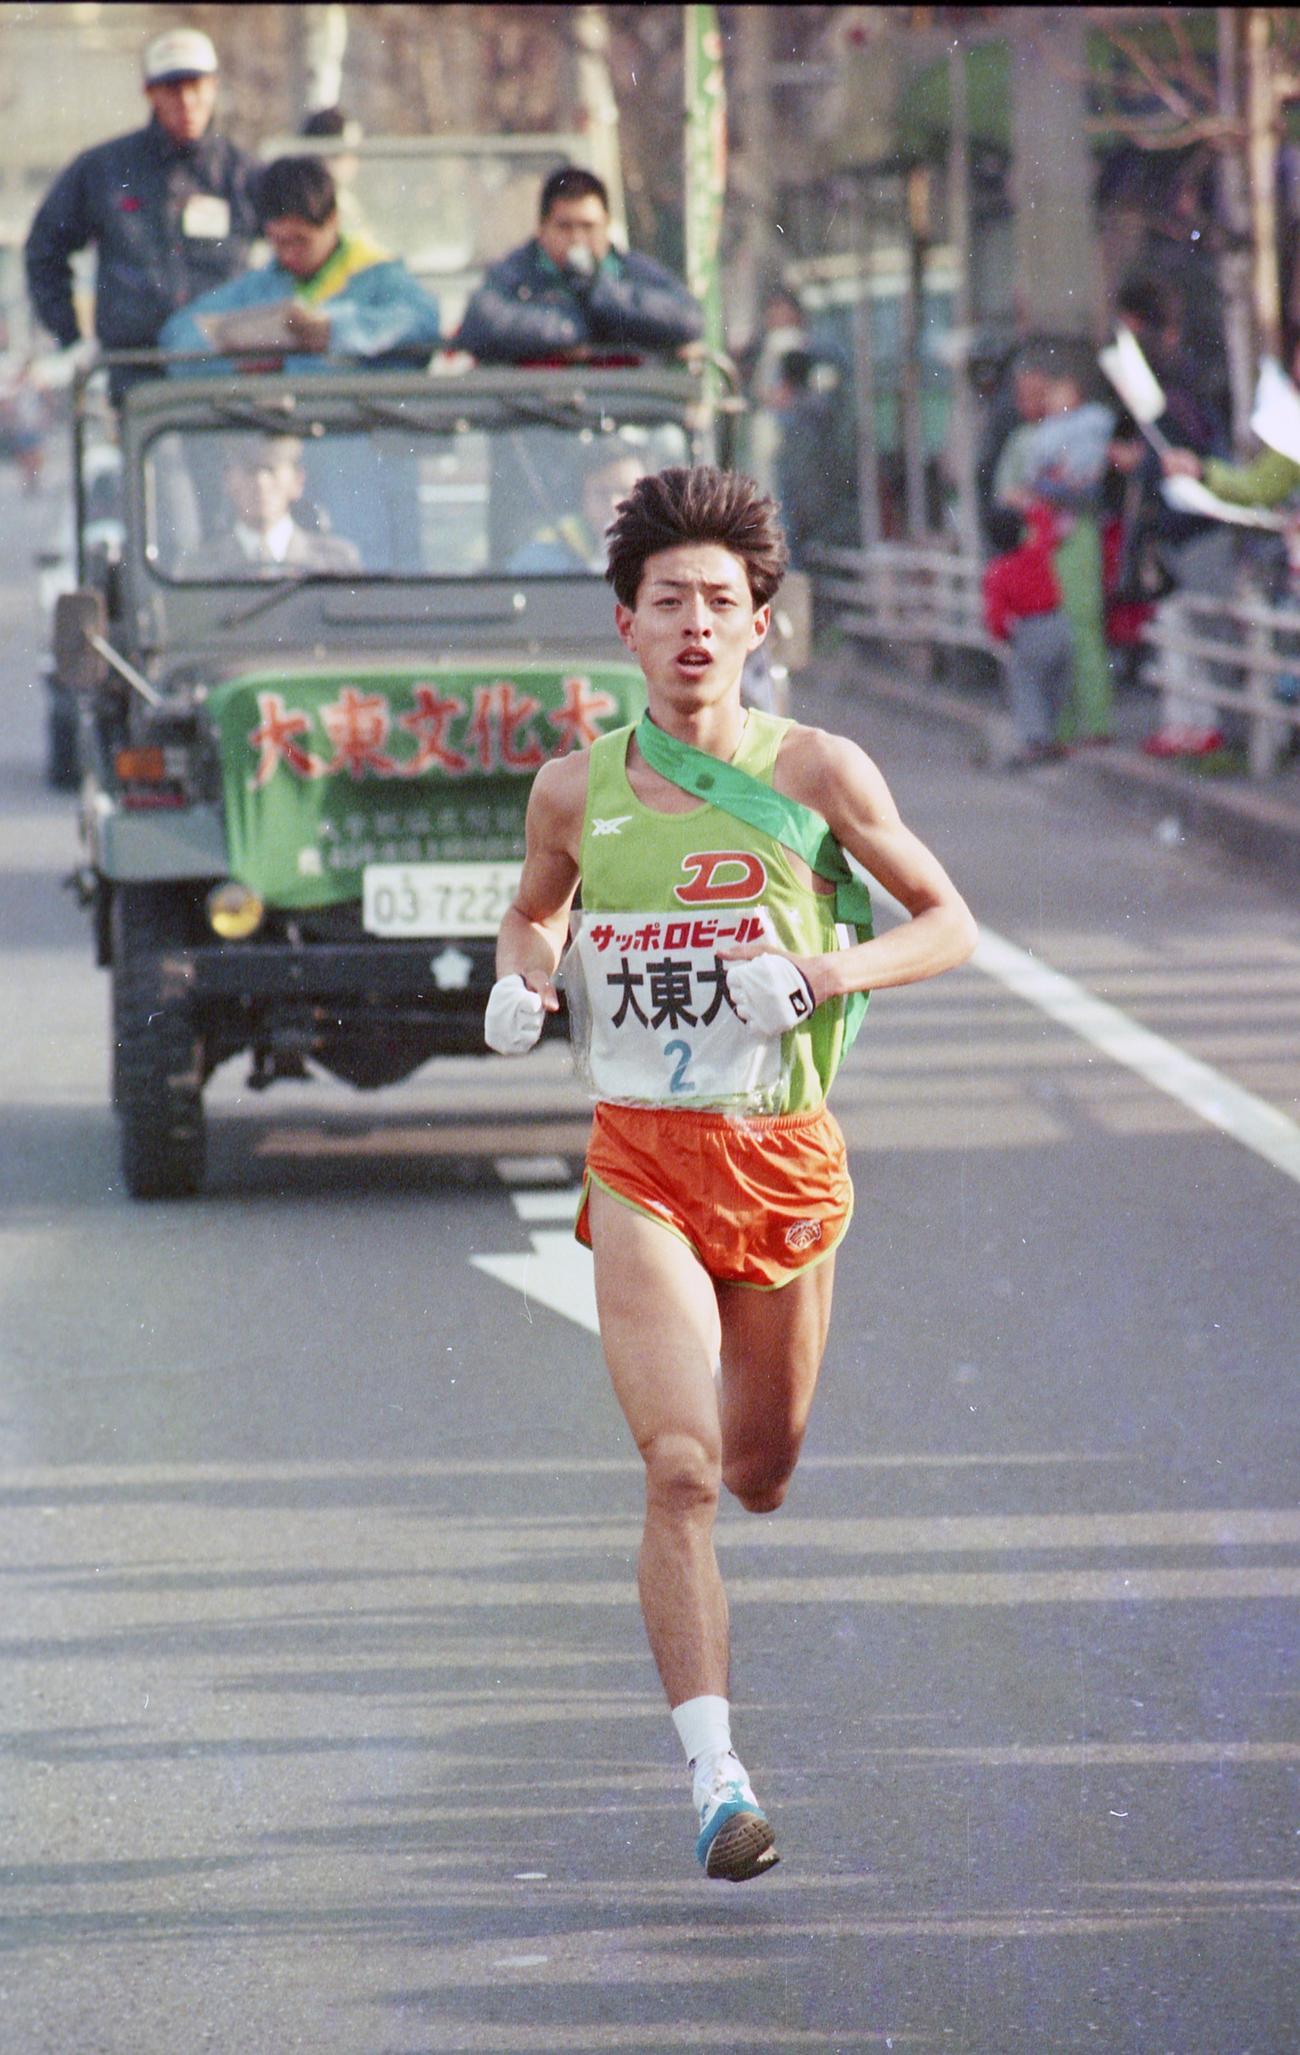 往路2区 トップでタスキをもらった大東大・只隈伸也(4年、区間6位)=1988年1月2日